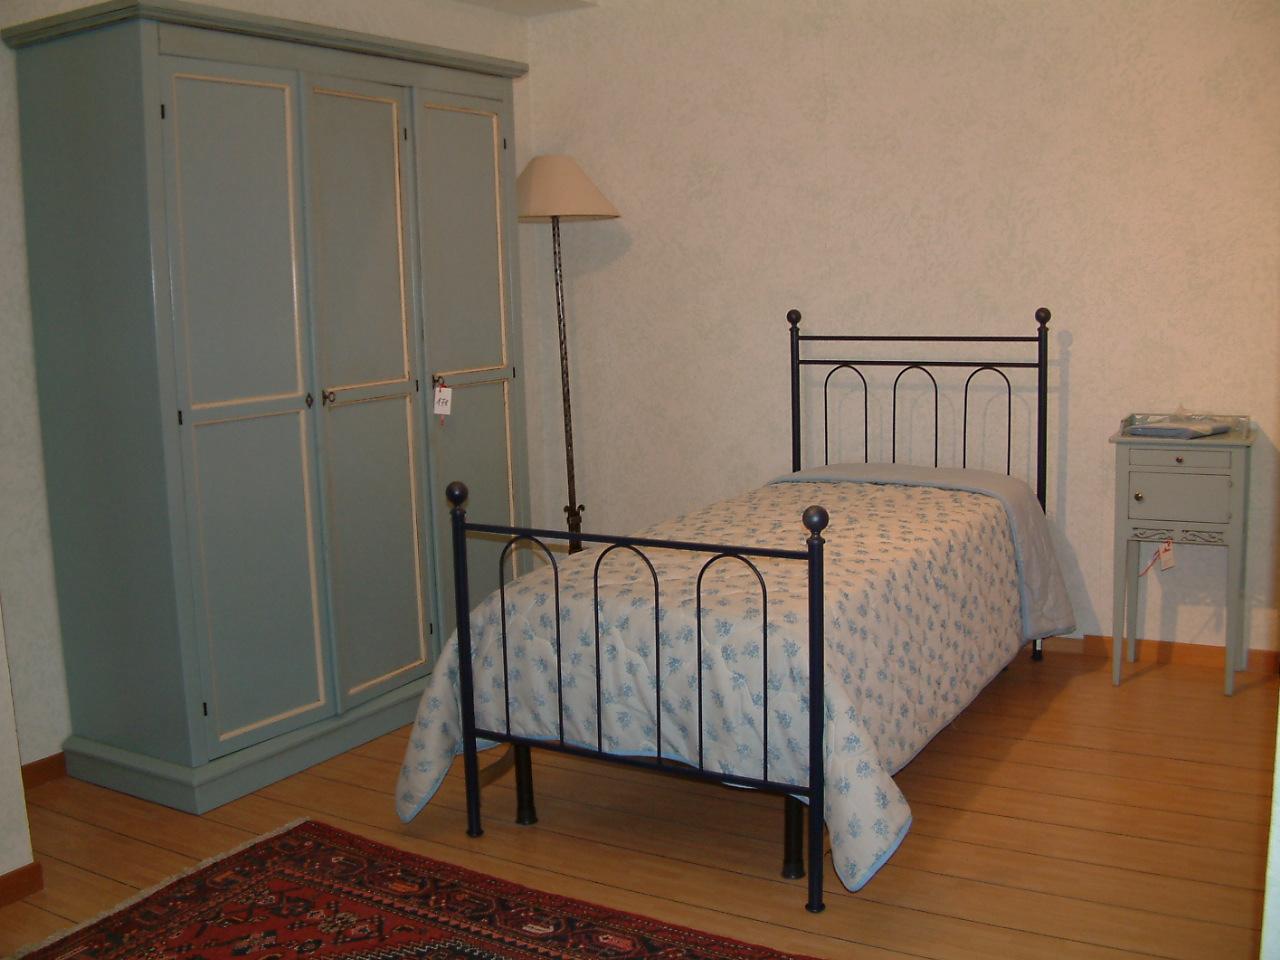 Camere da letto - Camere da letto ferro battuto ...